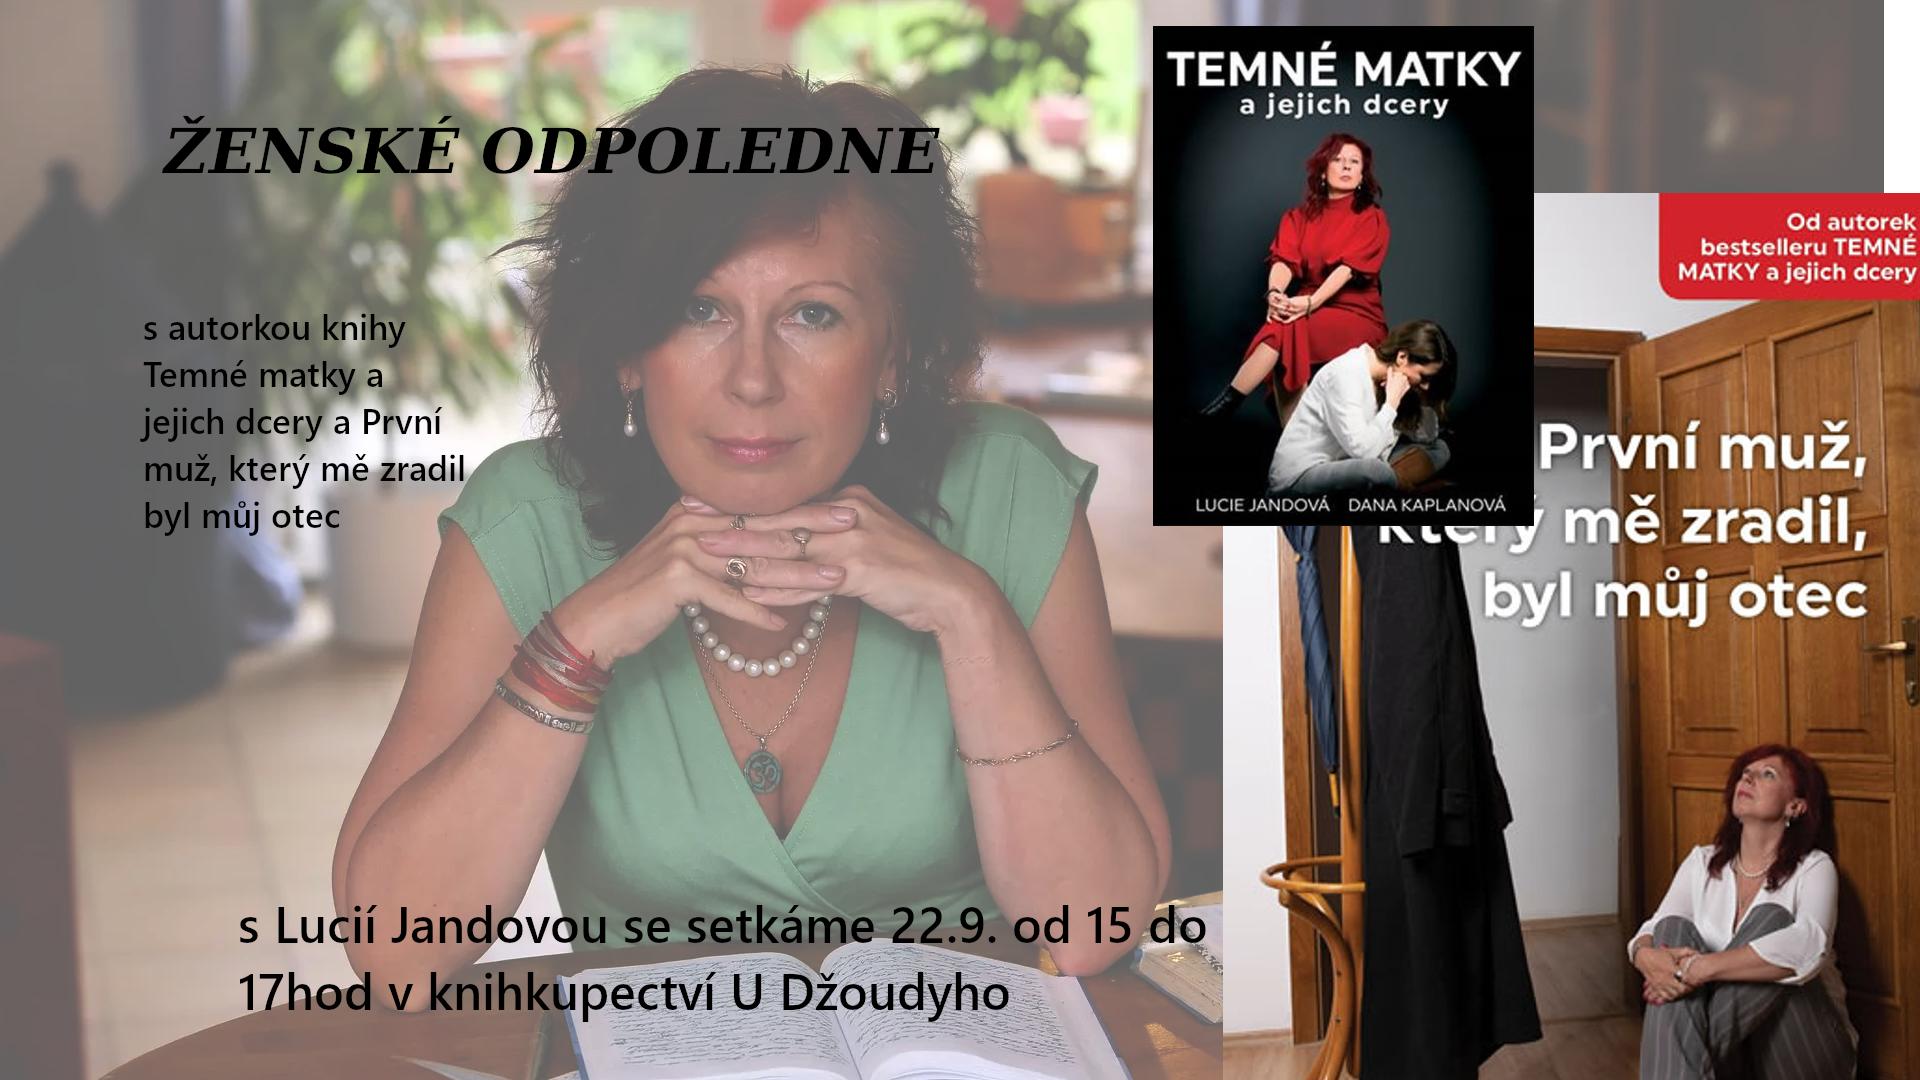 ŽENSKÉ ODPOLEDNE s Lucií Jandovou - 22.09.2020 - 15:00 - 17:00hod